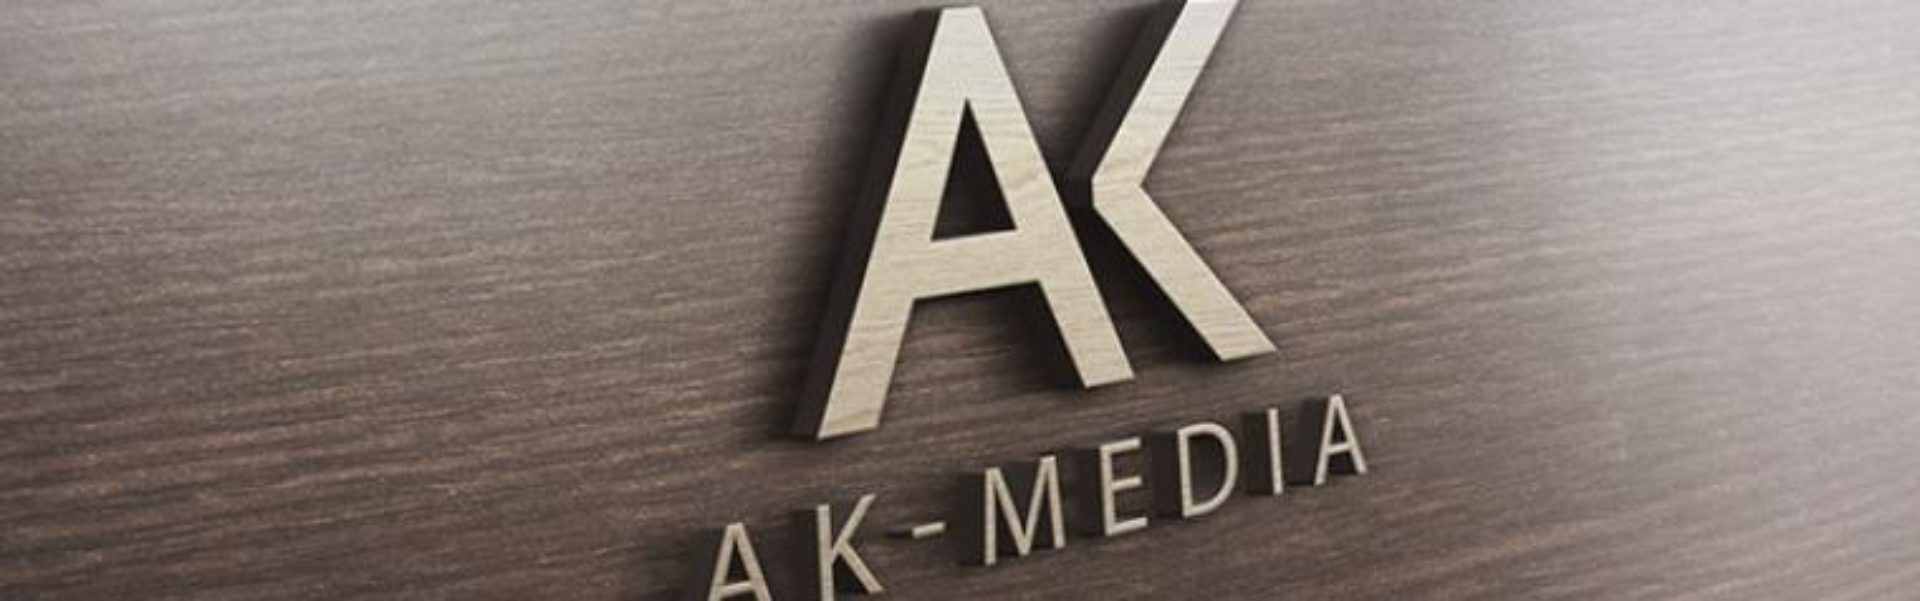 AKMedia24 Blog